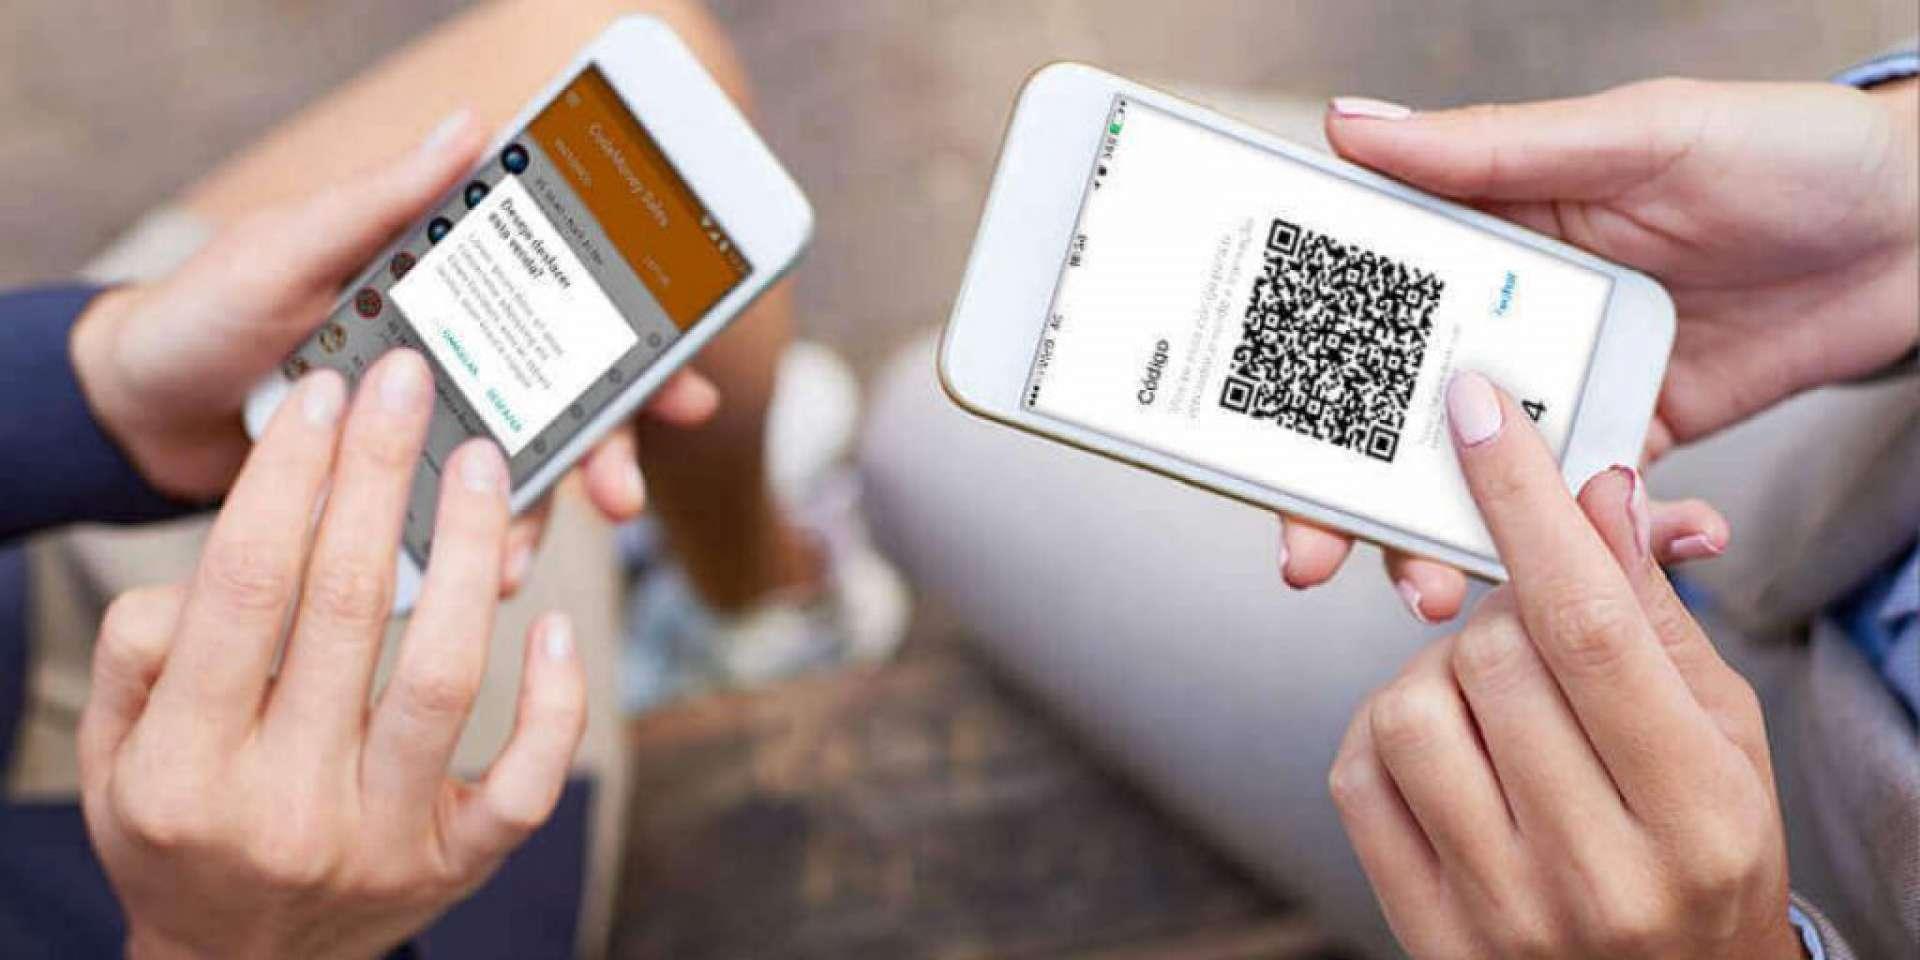 Para viabilizar a transação, basta usar uma chave de endereçamento, que pode ser um código ou apelido para identificação da conta, um QR Code (estático ou dinâmico) ou tecnologia near-field communication (NFC), que permite pagamentos por aproximação